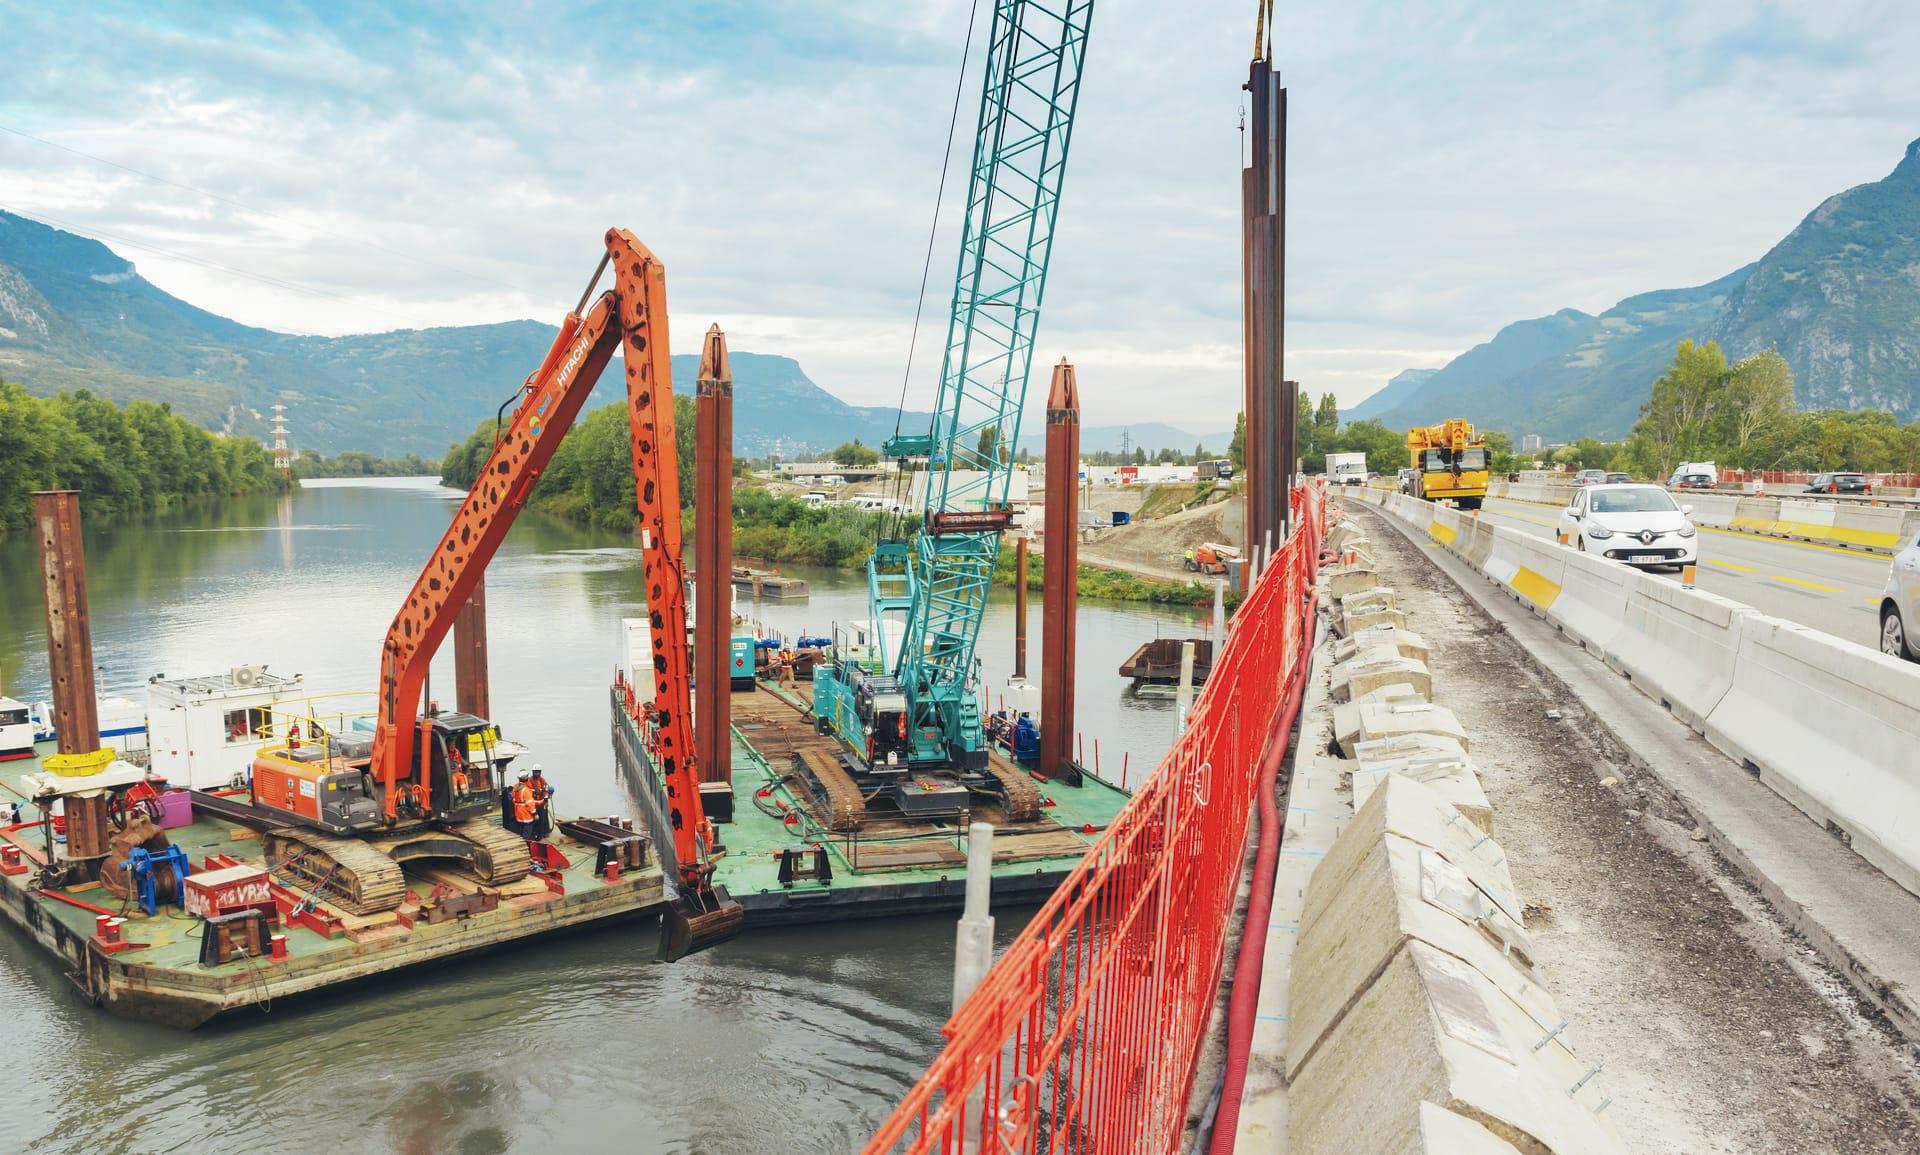 travaux sur le viaduc de l'Isère vus depuis la chaussée